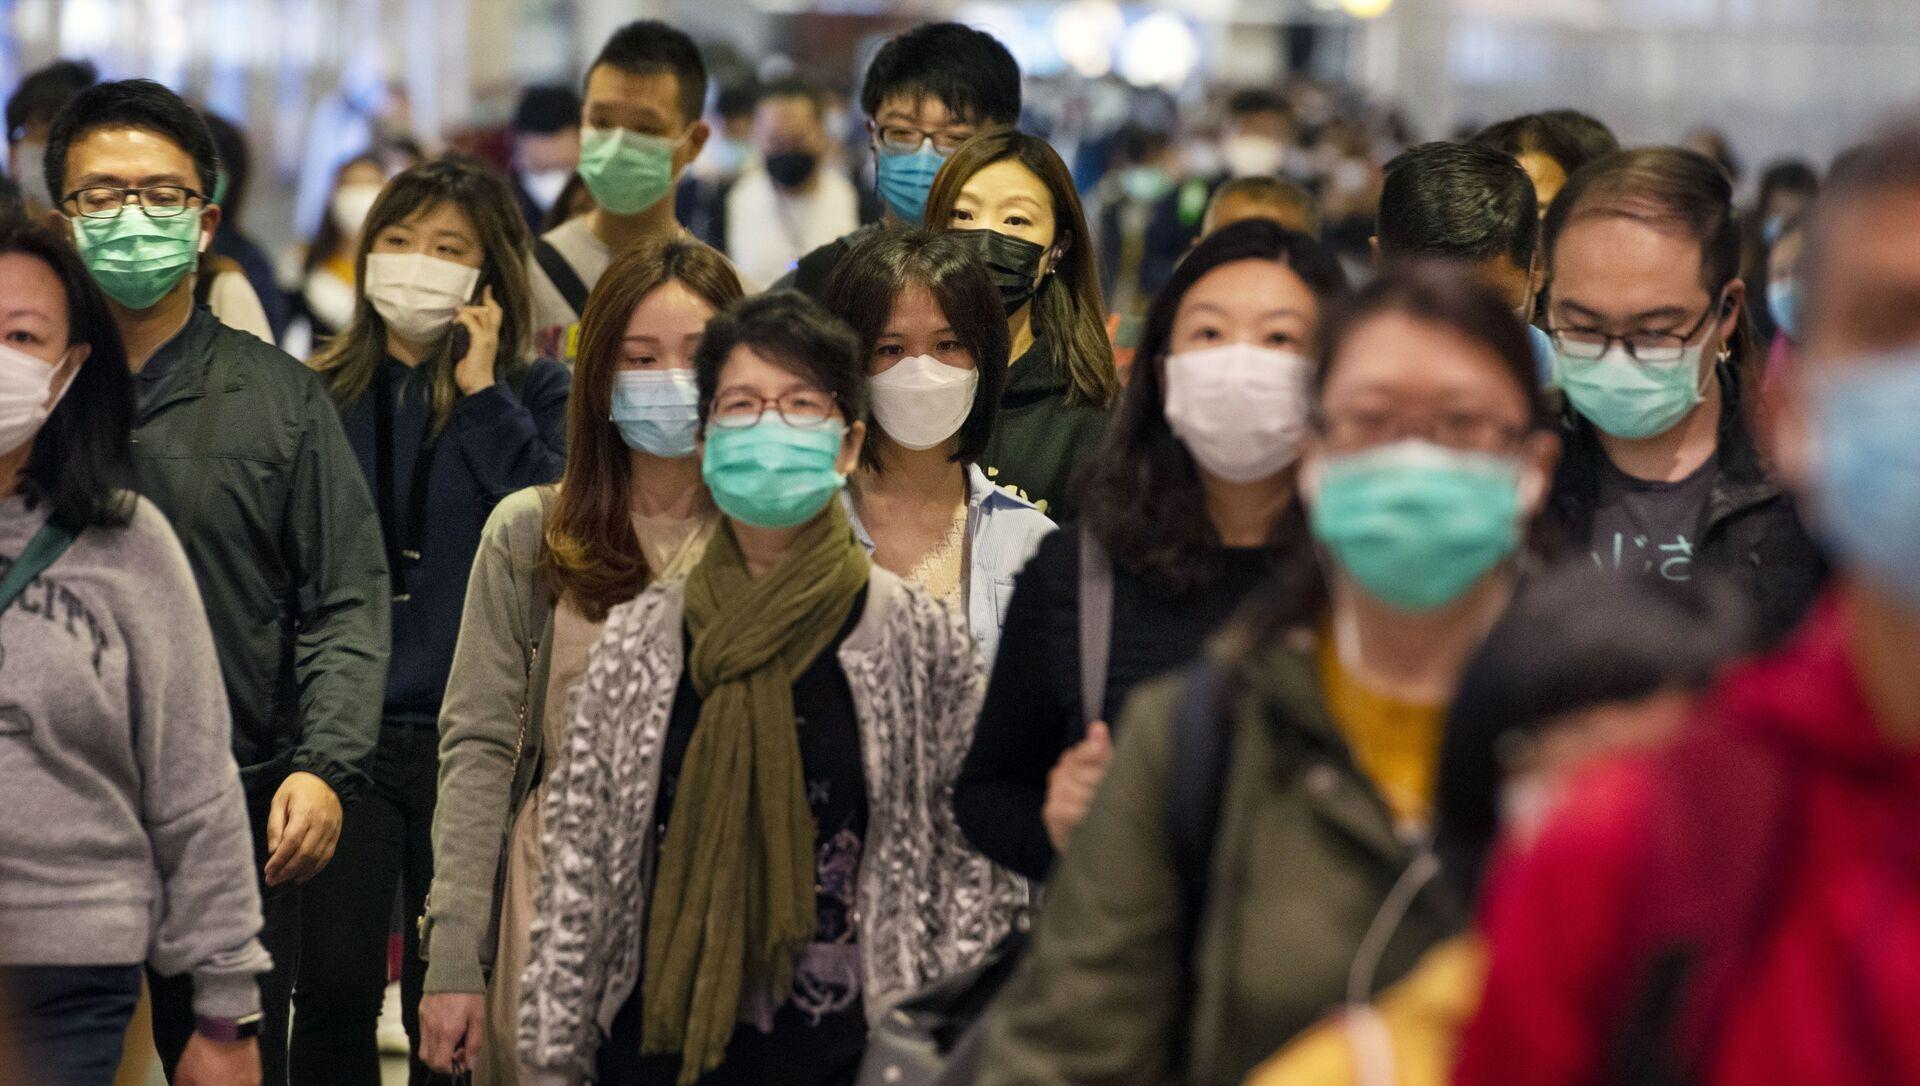 マスクをした人々 - Sputnik 日本, 1920, 22.05.2021